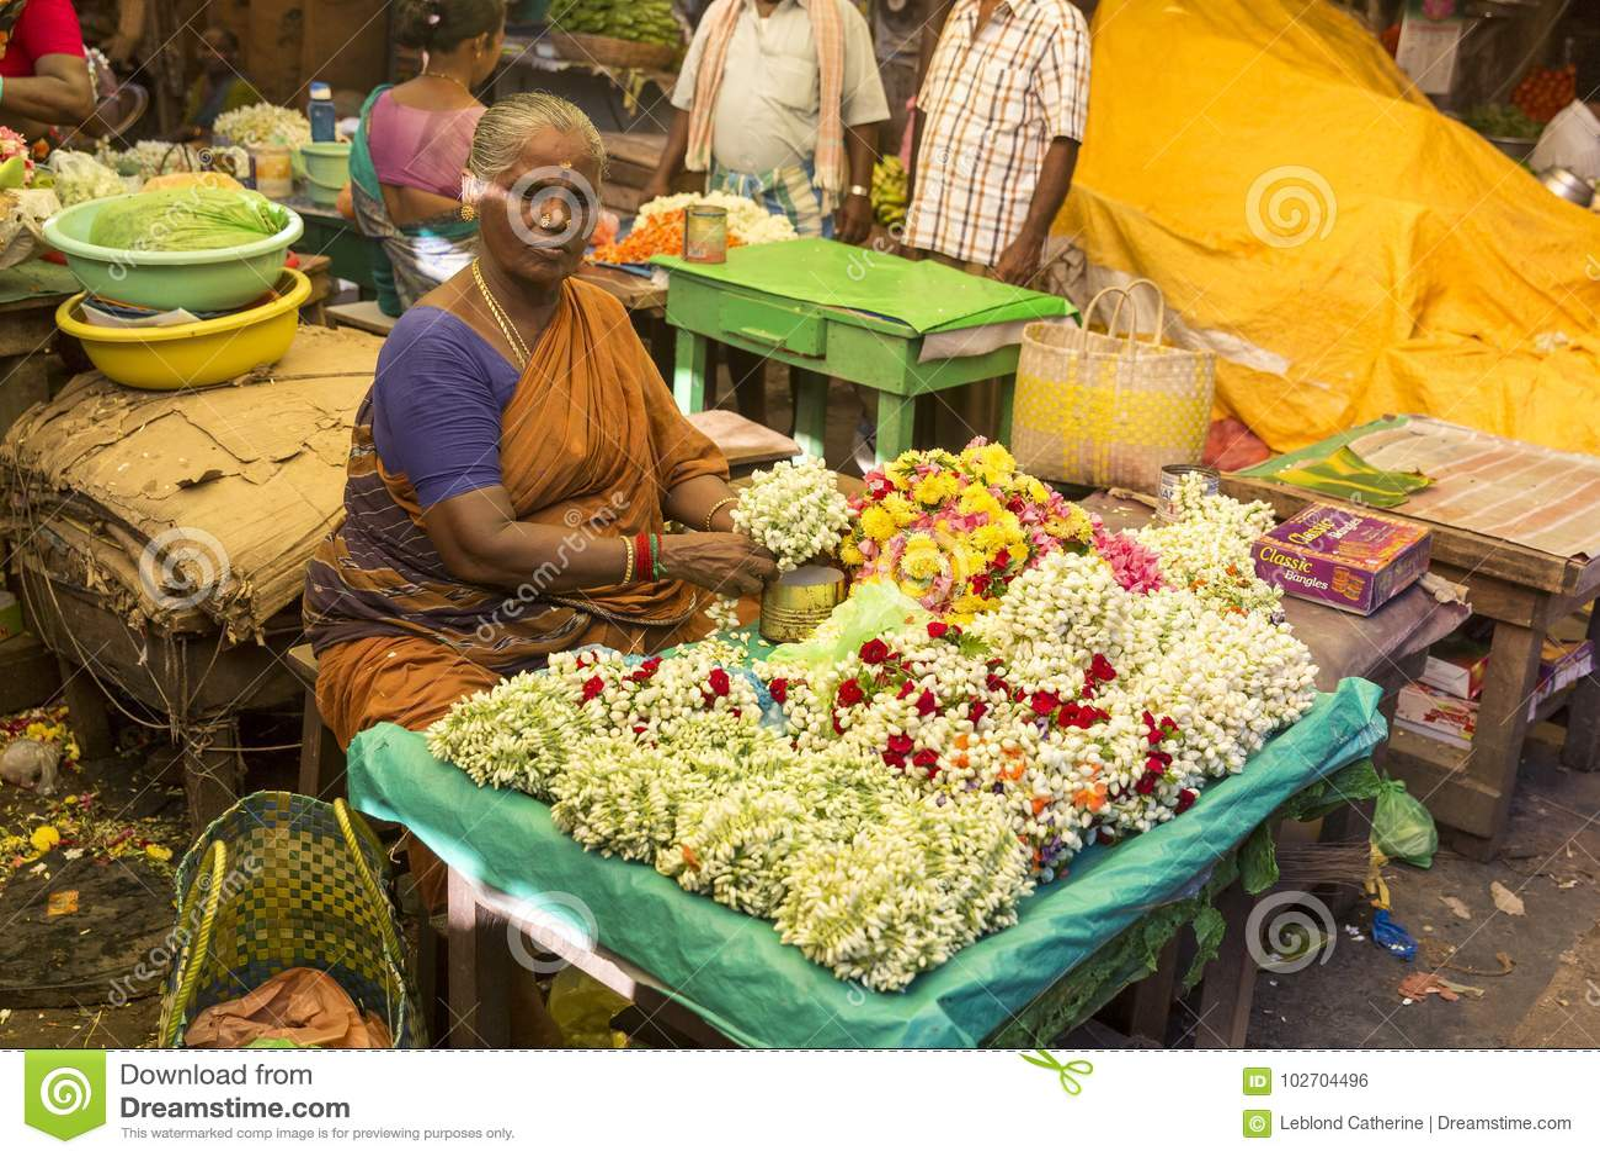 Documetary-Leitartikelbild Nicht identifizierter Mannfrauenverkauf, der Seile von Blumen Hauptmarkt am im Freien in Indien schaff